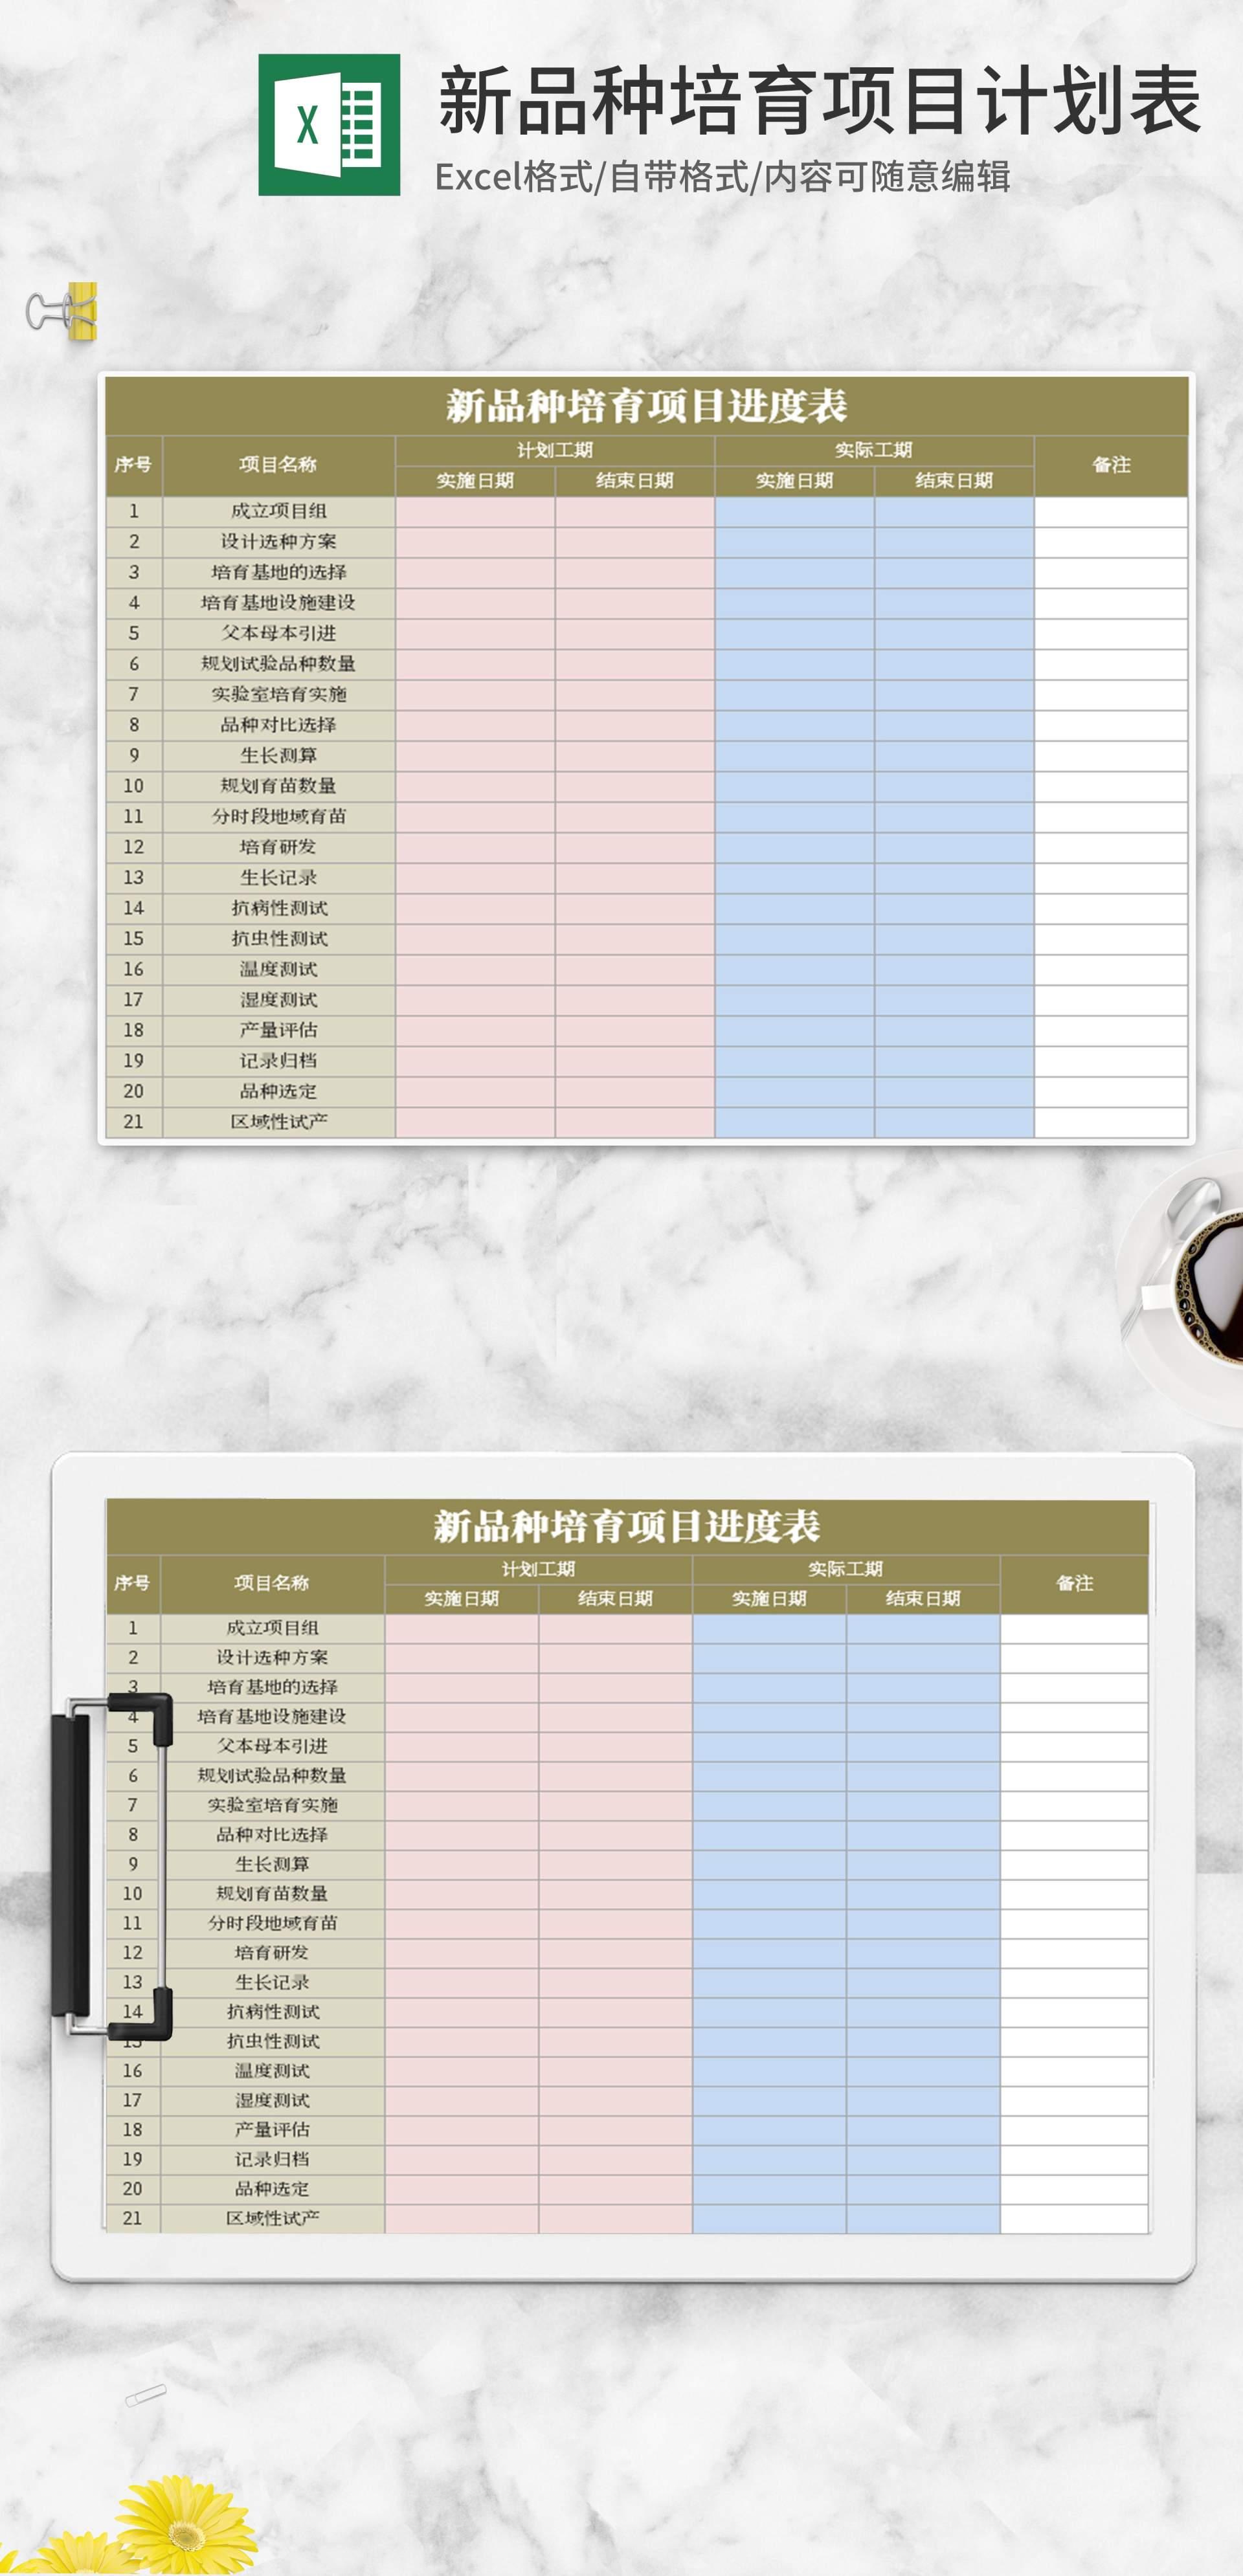 新品种培育项目计划表Excel模板